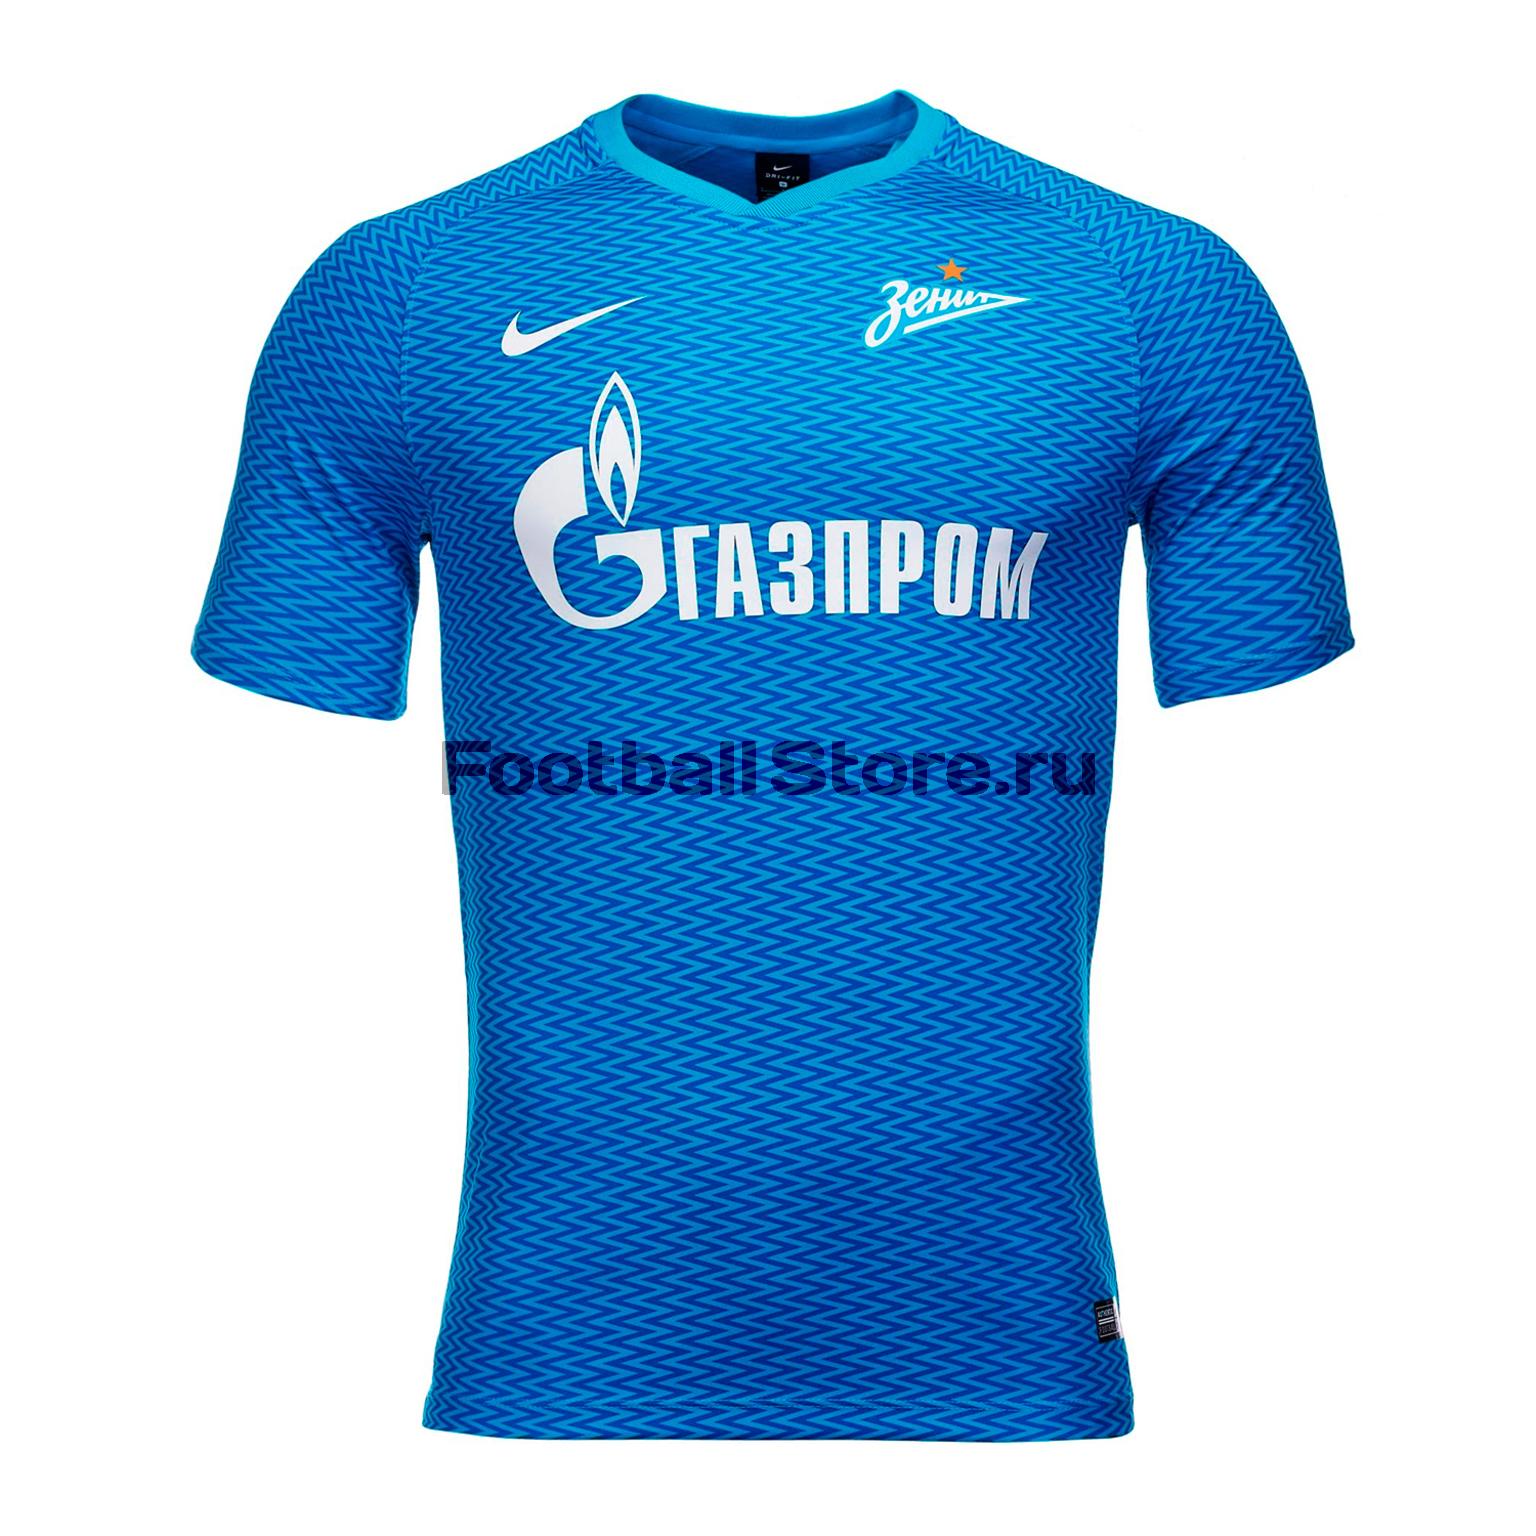 цена Реплика домашней игровой футболки Nike ФК